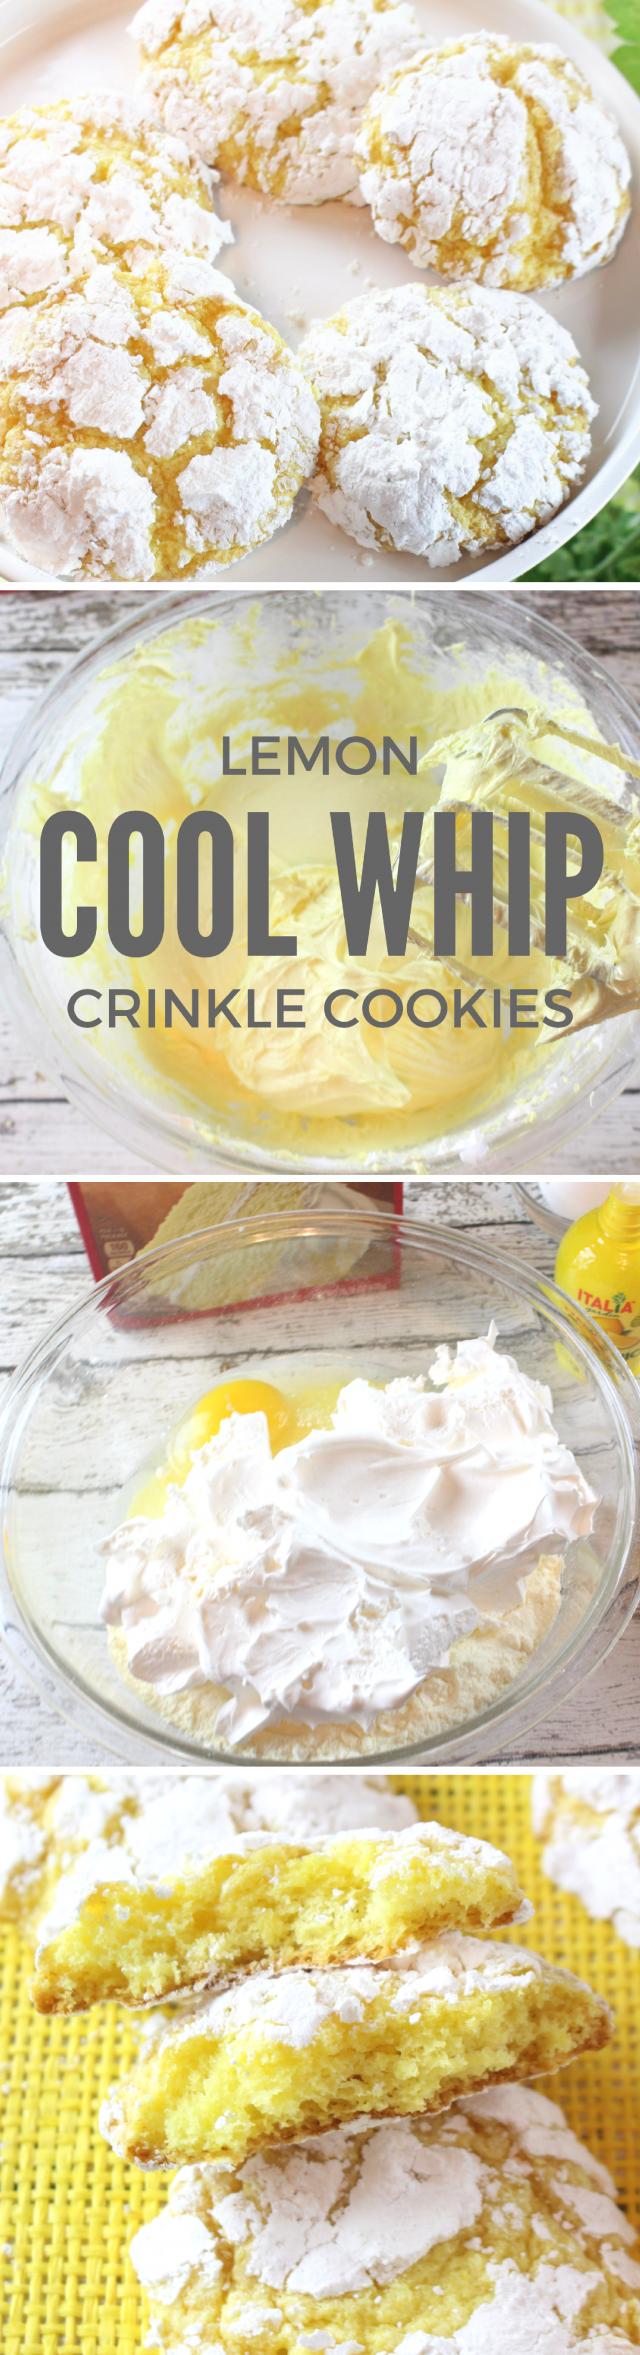 Lemon Crinkle Cool Whip Cookies Recipe